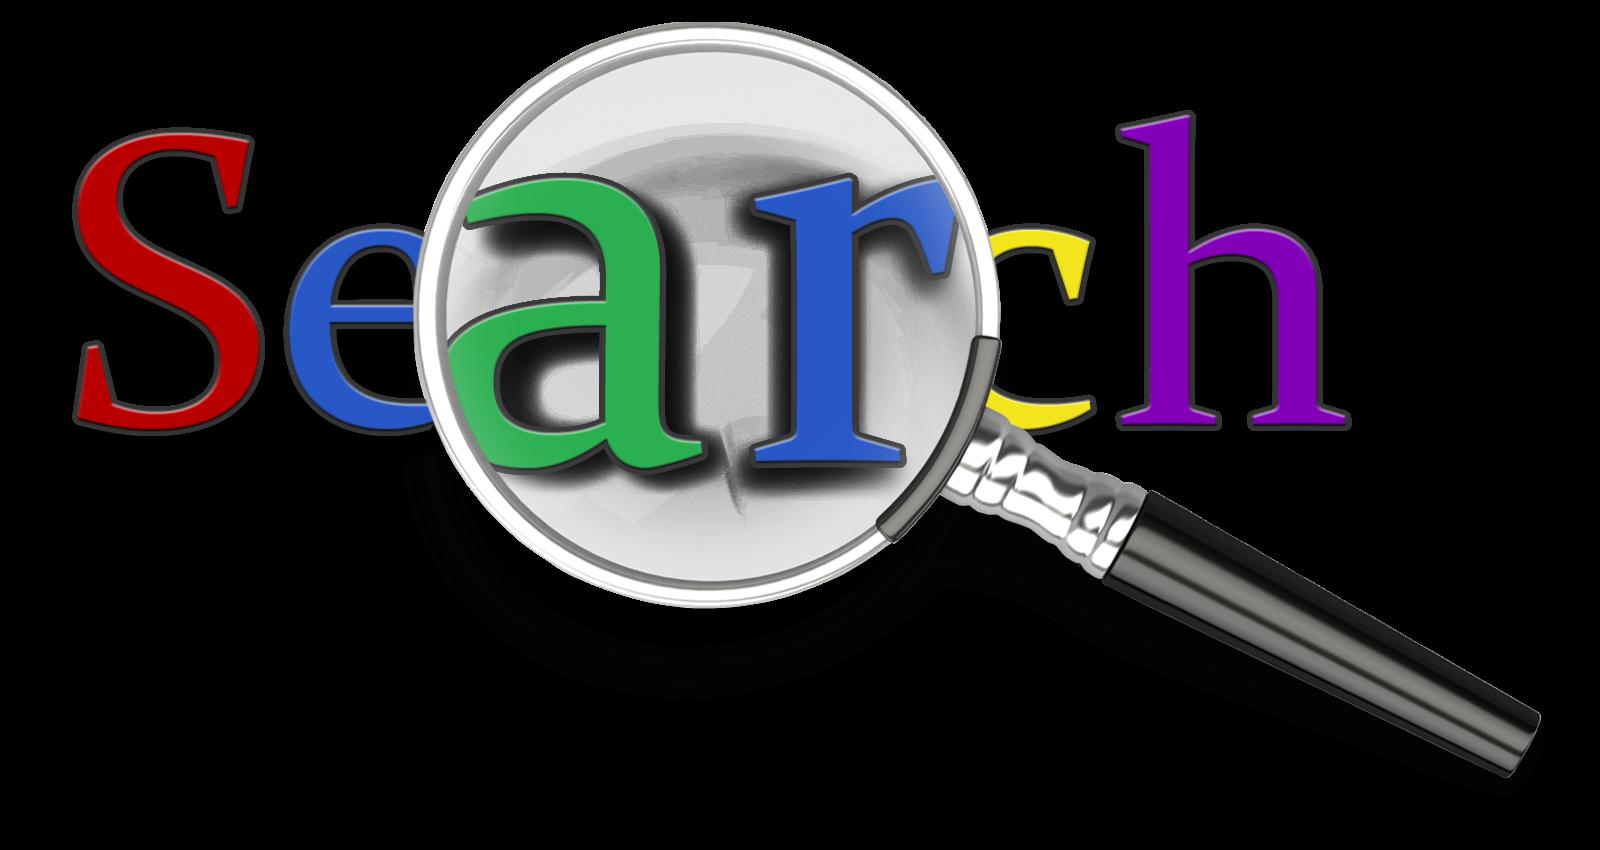 各国の検索エンジン